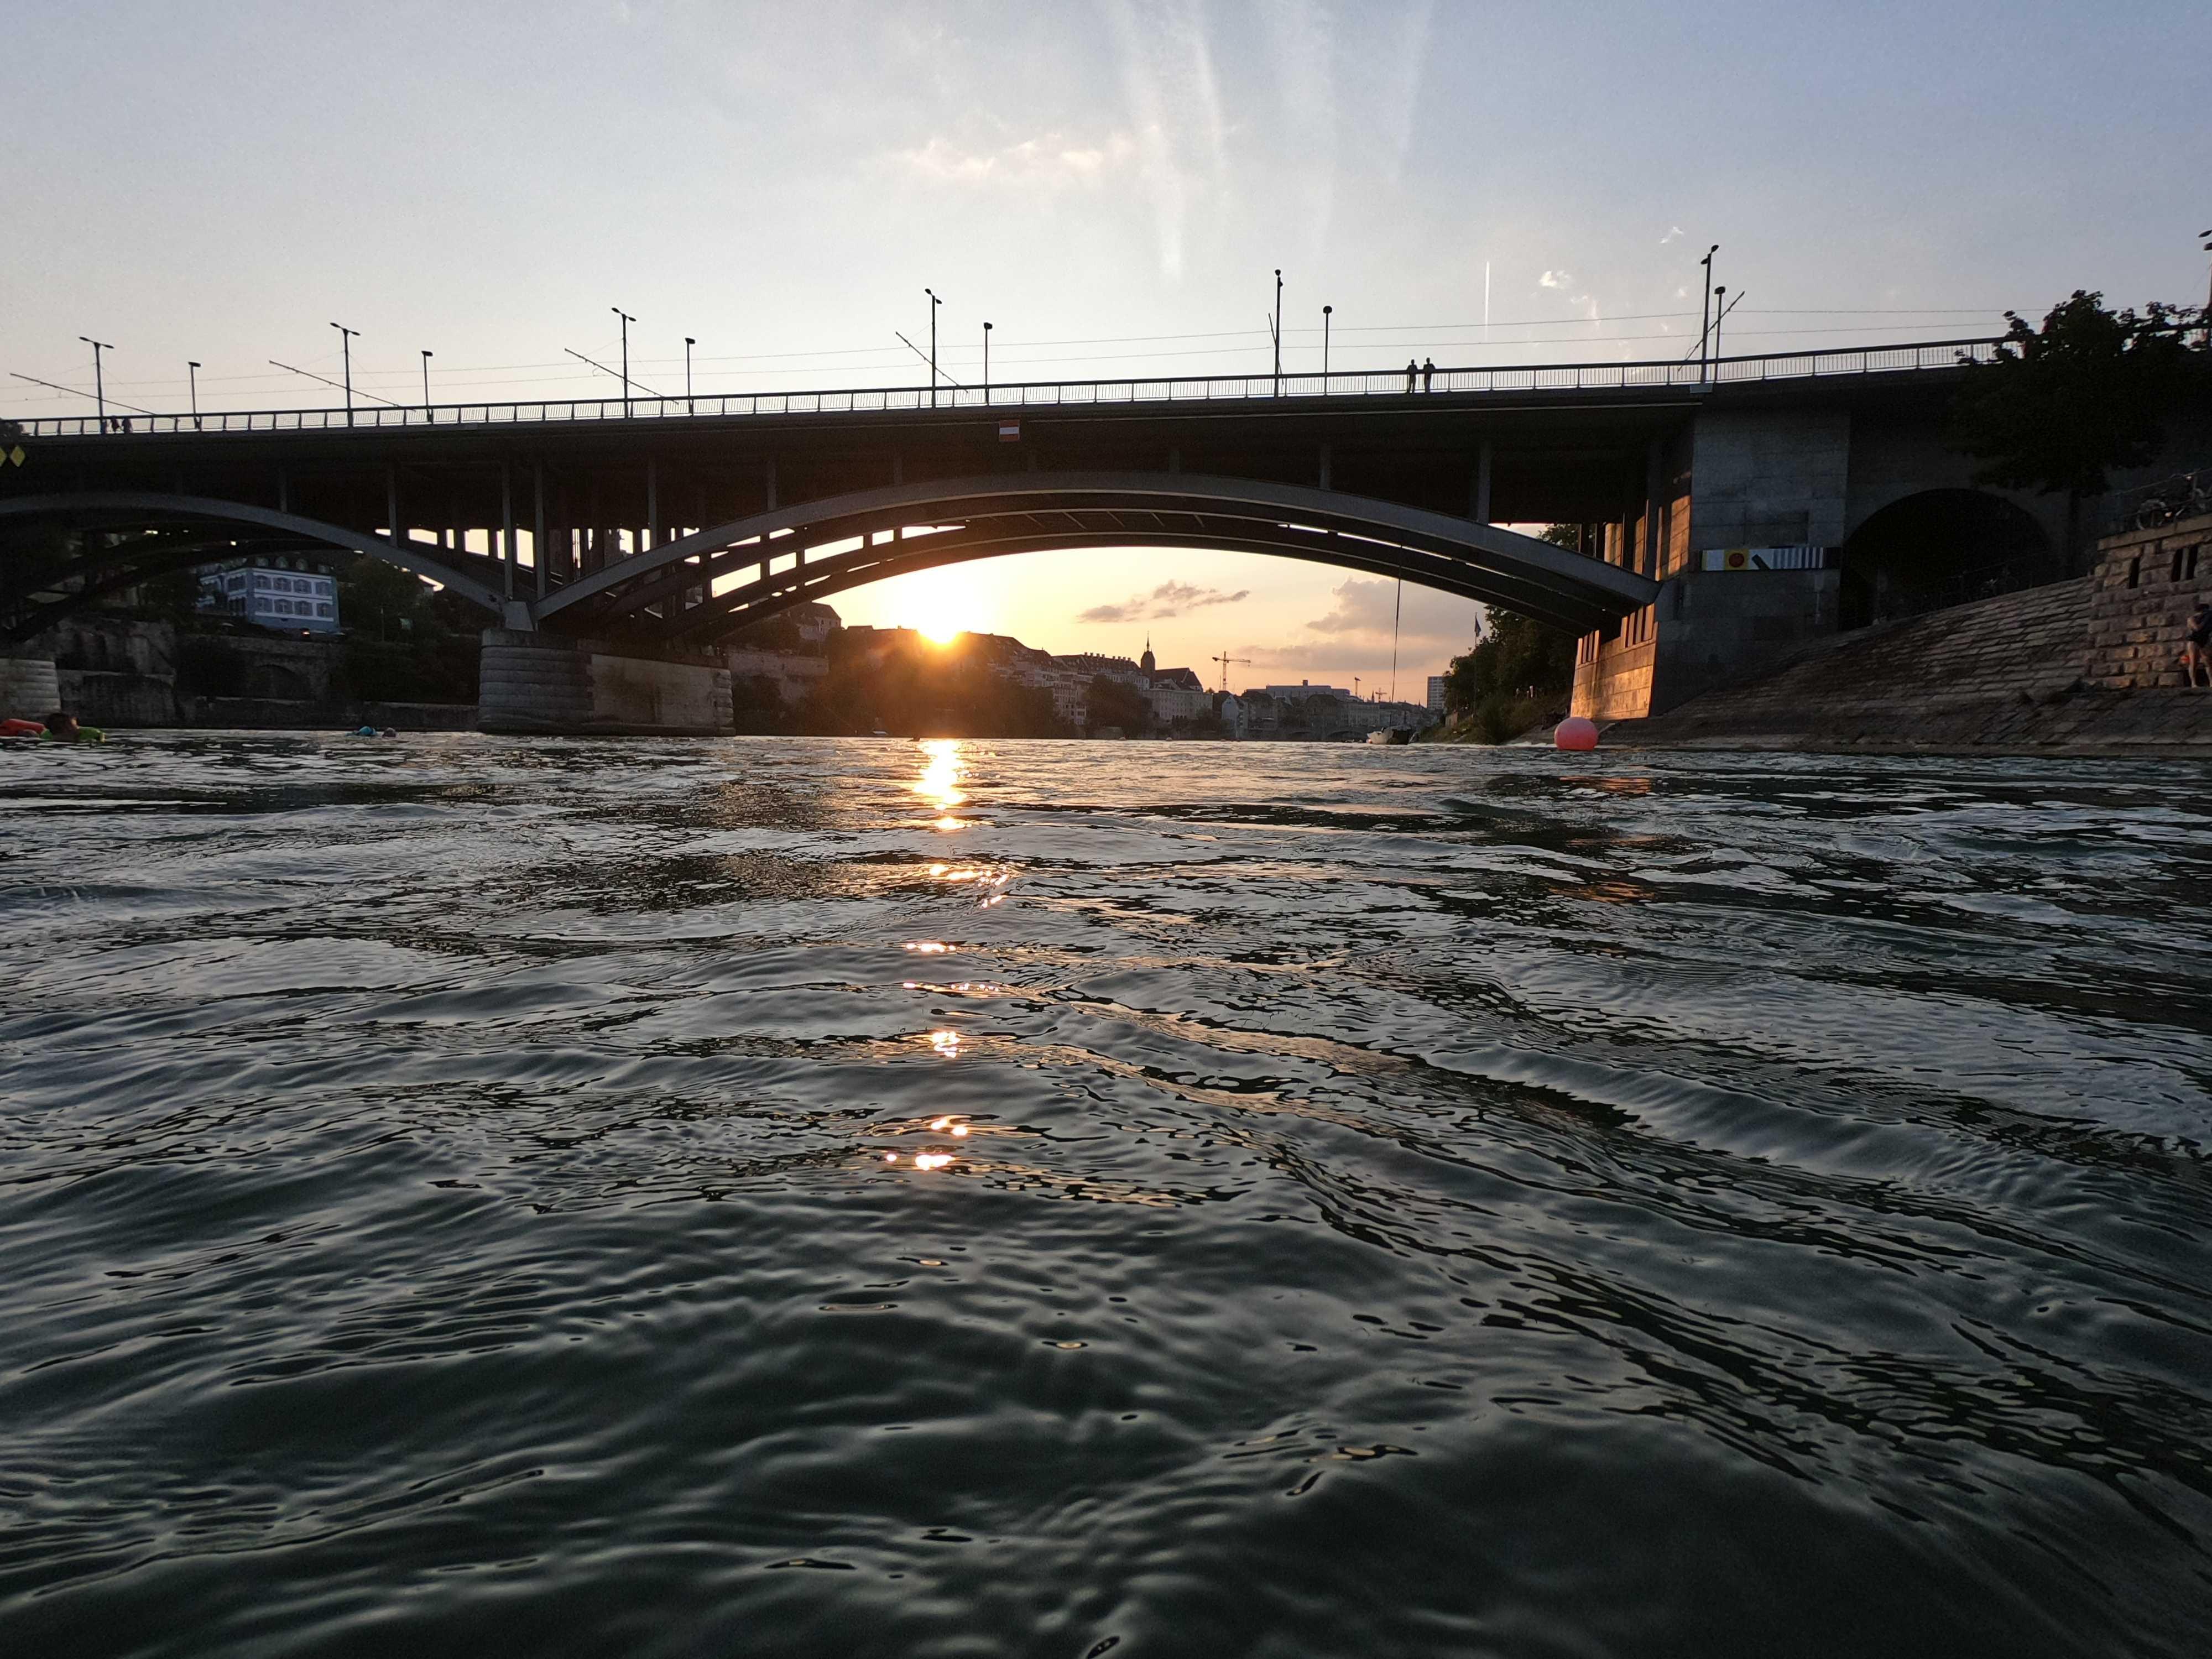 201908_CPS_Sortie RheinSchwimmen_010